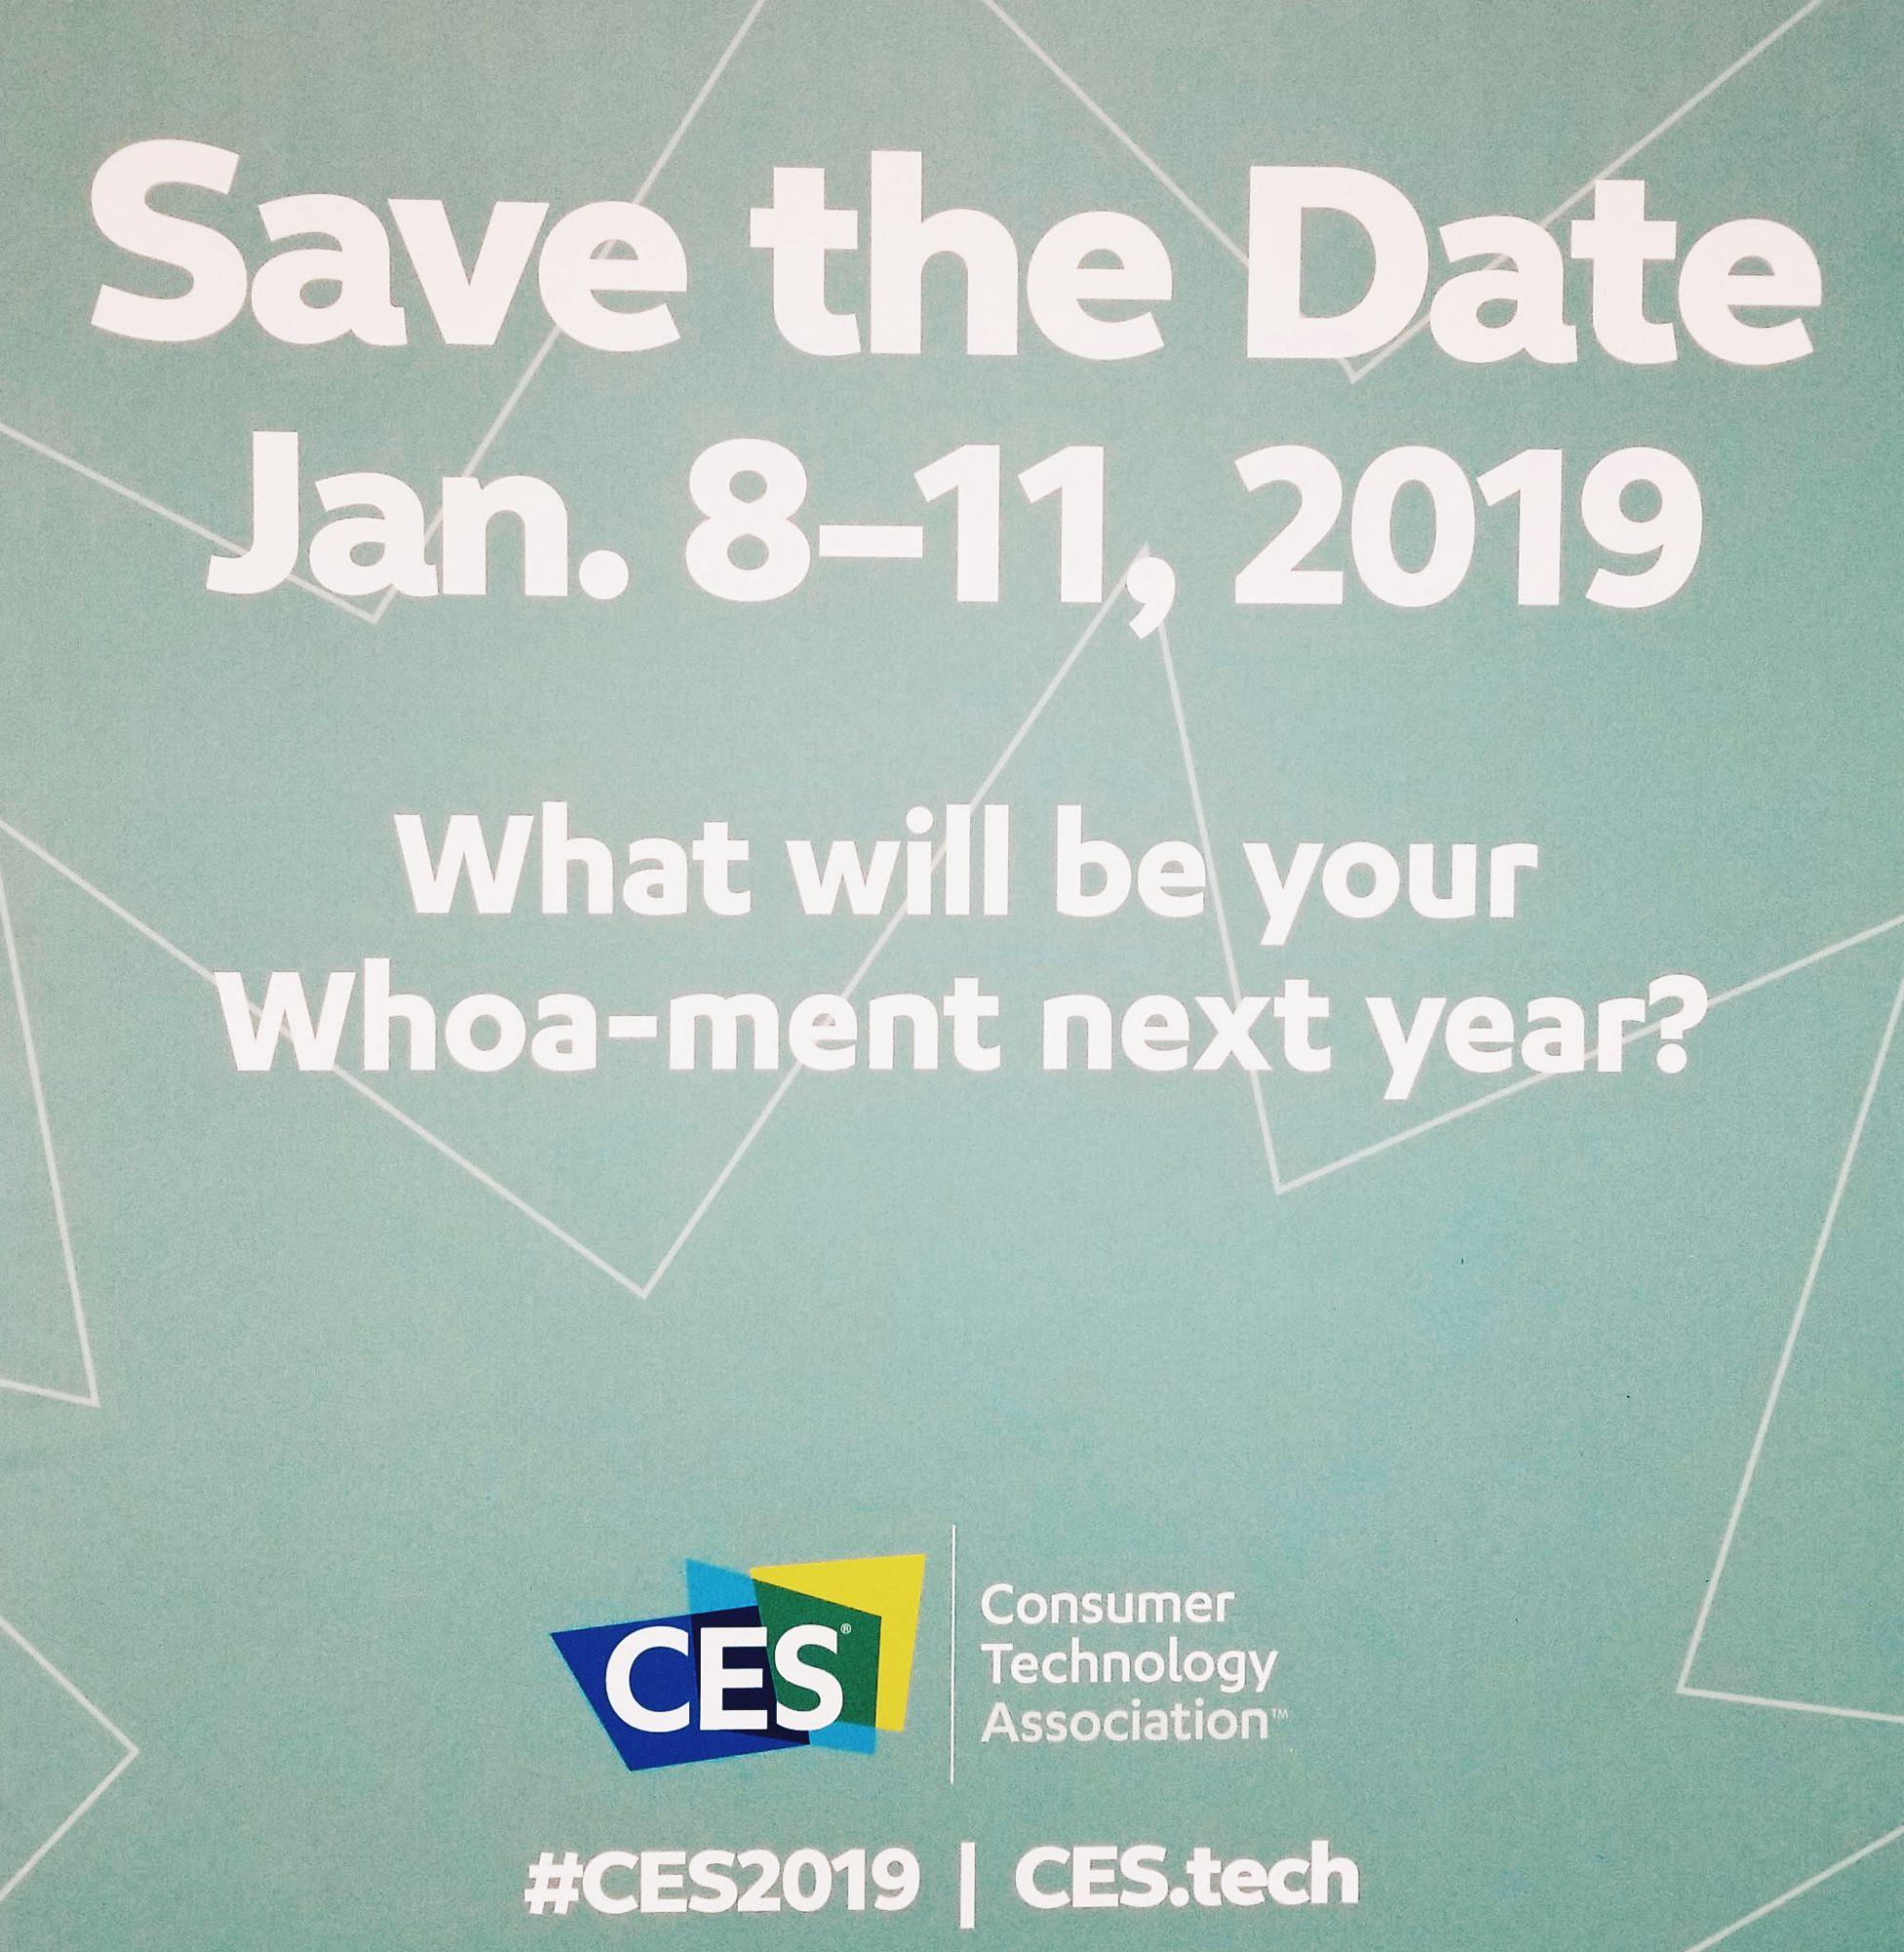 CES 2019 Dates